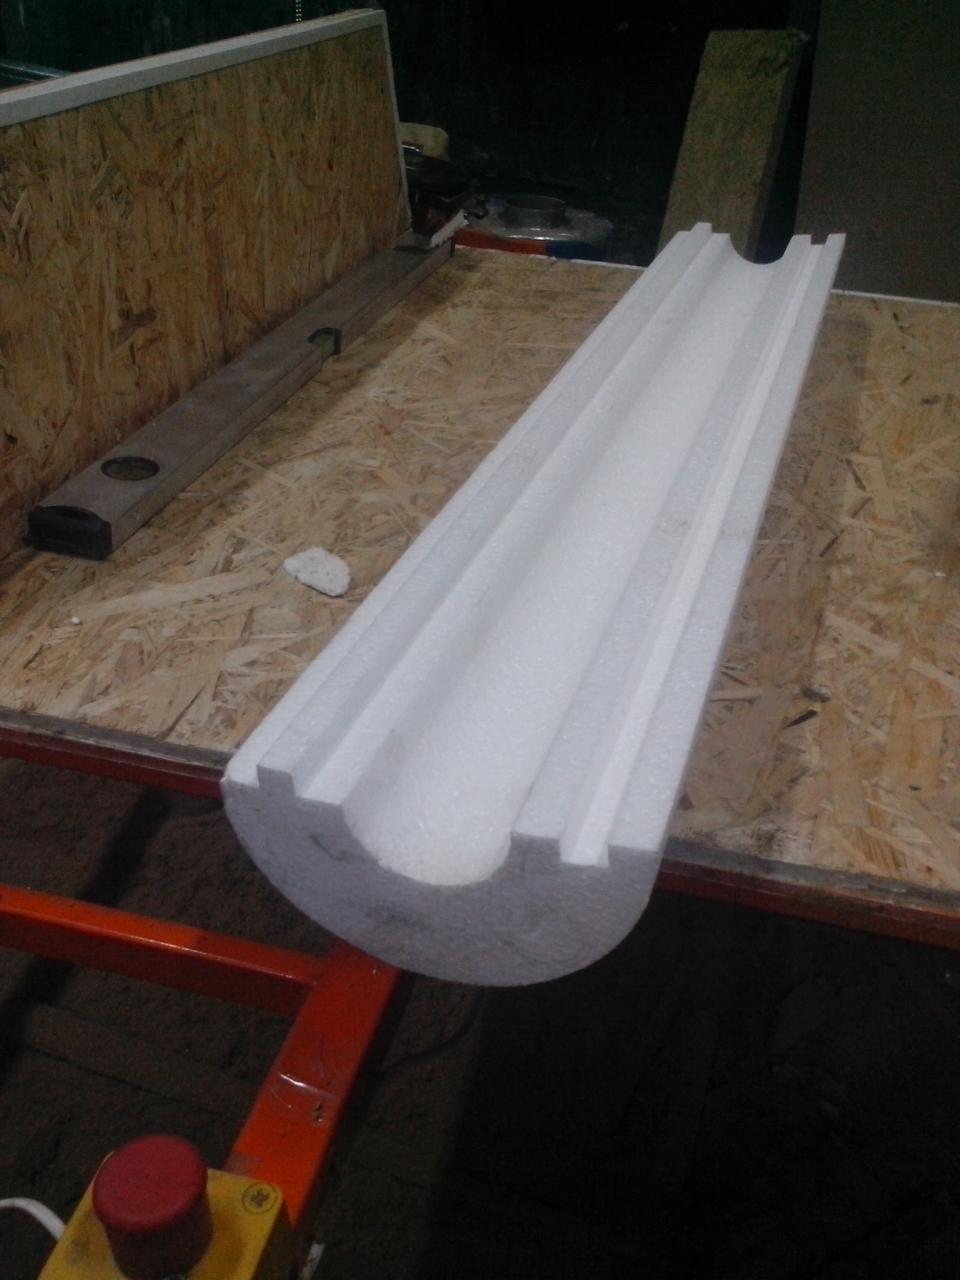 Утеплитель из пенопласта (пенополистирола) для труб Ø 50 мм толщиной 60 мм